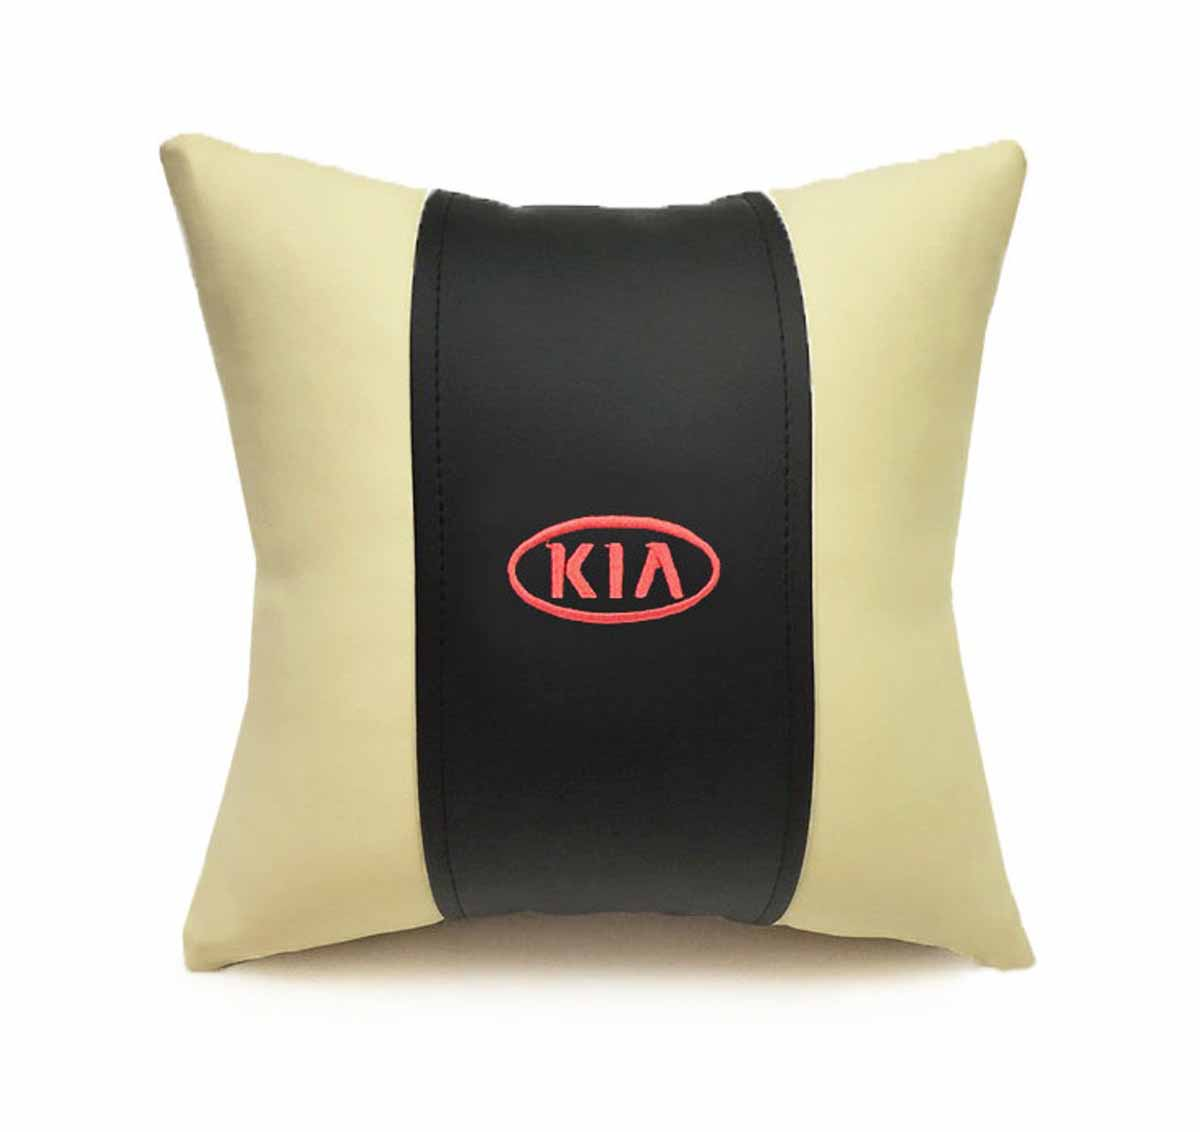 Подушка декоративная Auto premium Kia, цвет: черный, бежевый подушка декоративная auto premium я патриот цвет черно бежевый 37257